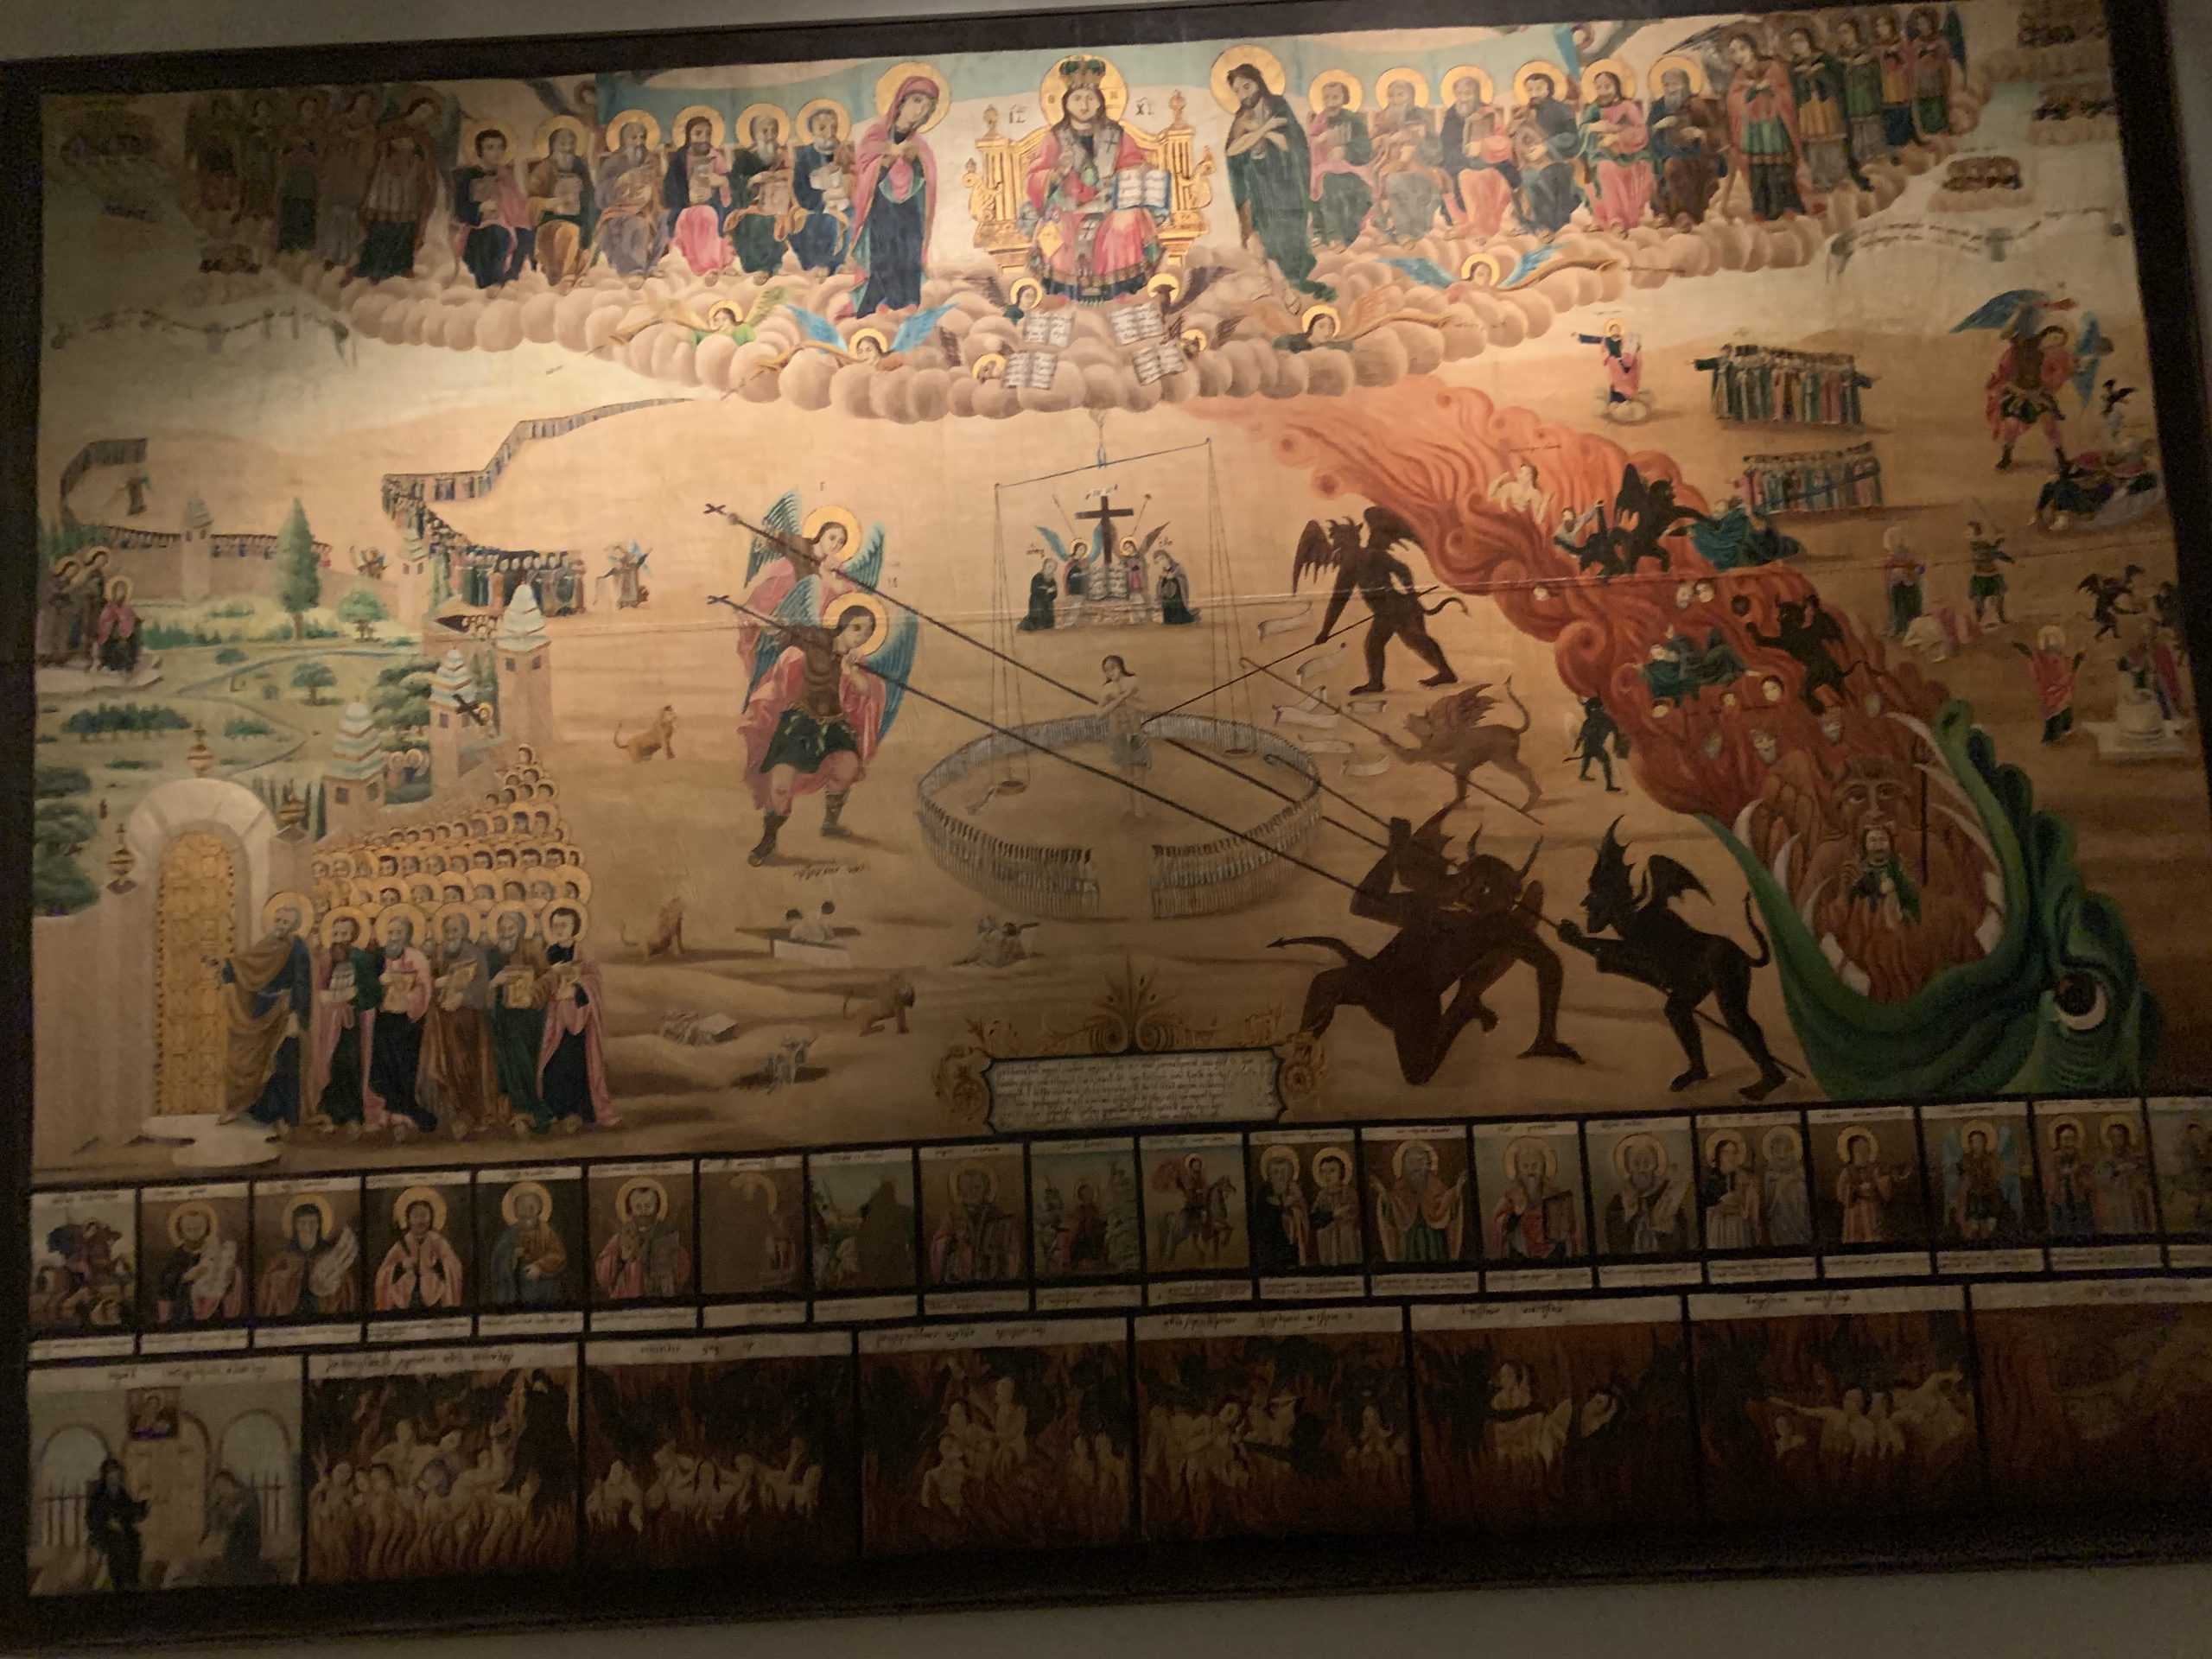 ビザンチン・クリスチャン博物館-アテネ-ギリシャ-撮影:劉雲昊2019.9.8